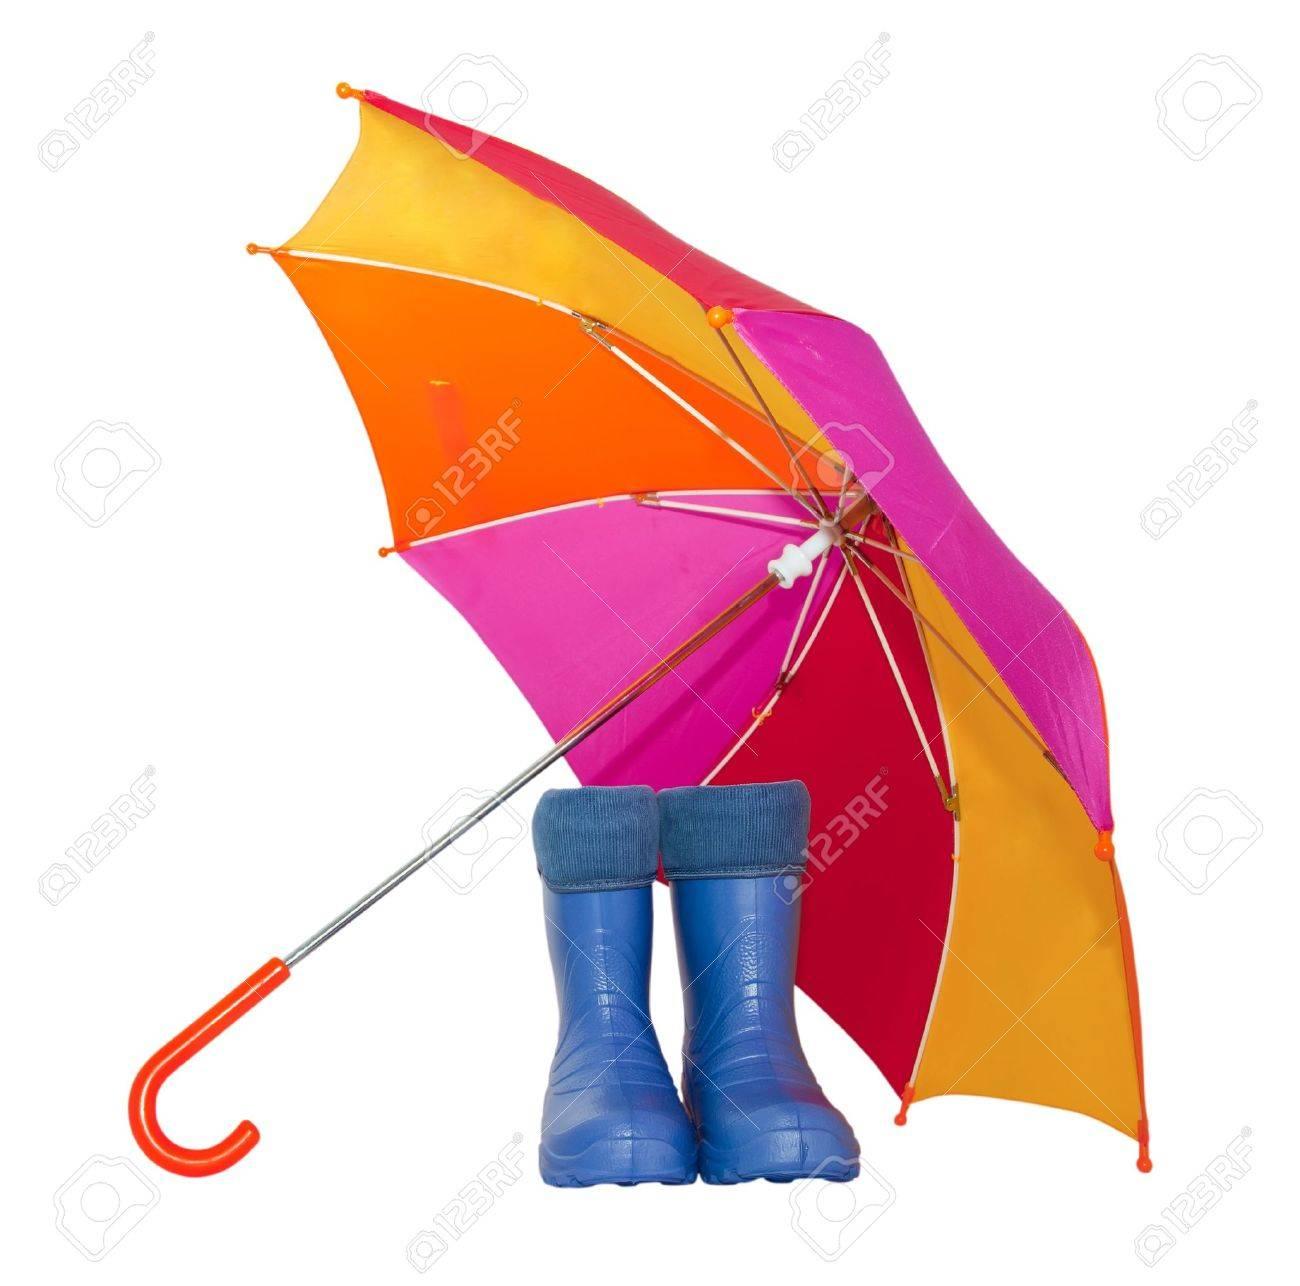 banque dimages bottes en caoutchouc et un parapluie color isol sur un fond blanc - Parapluie Color